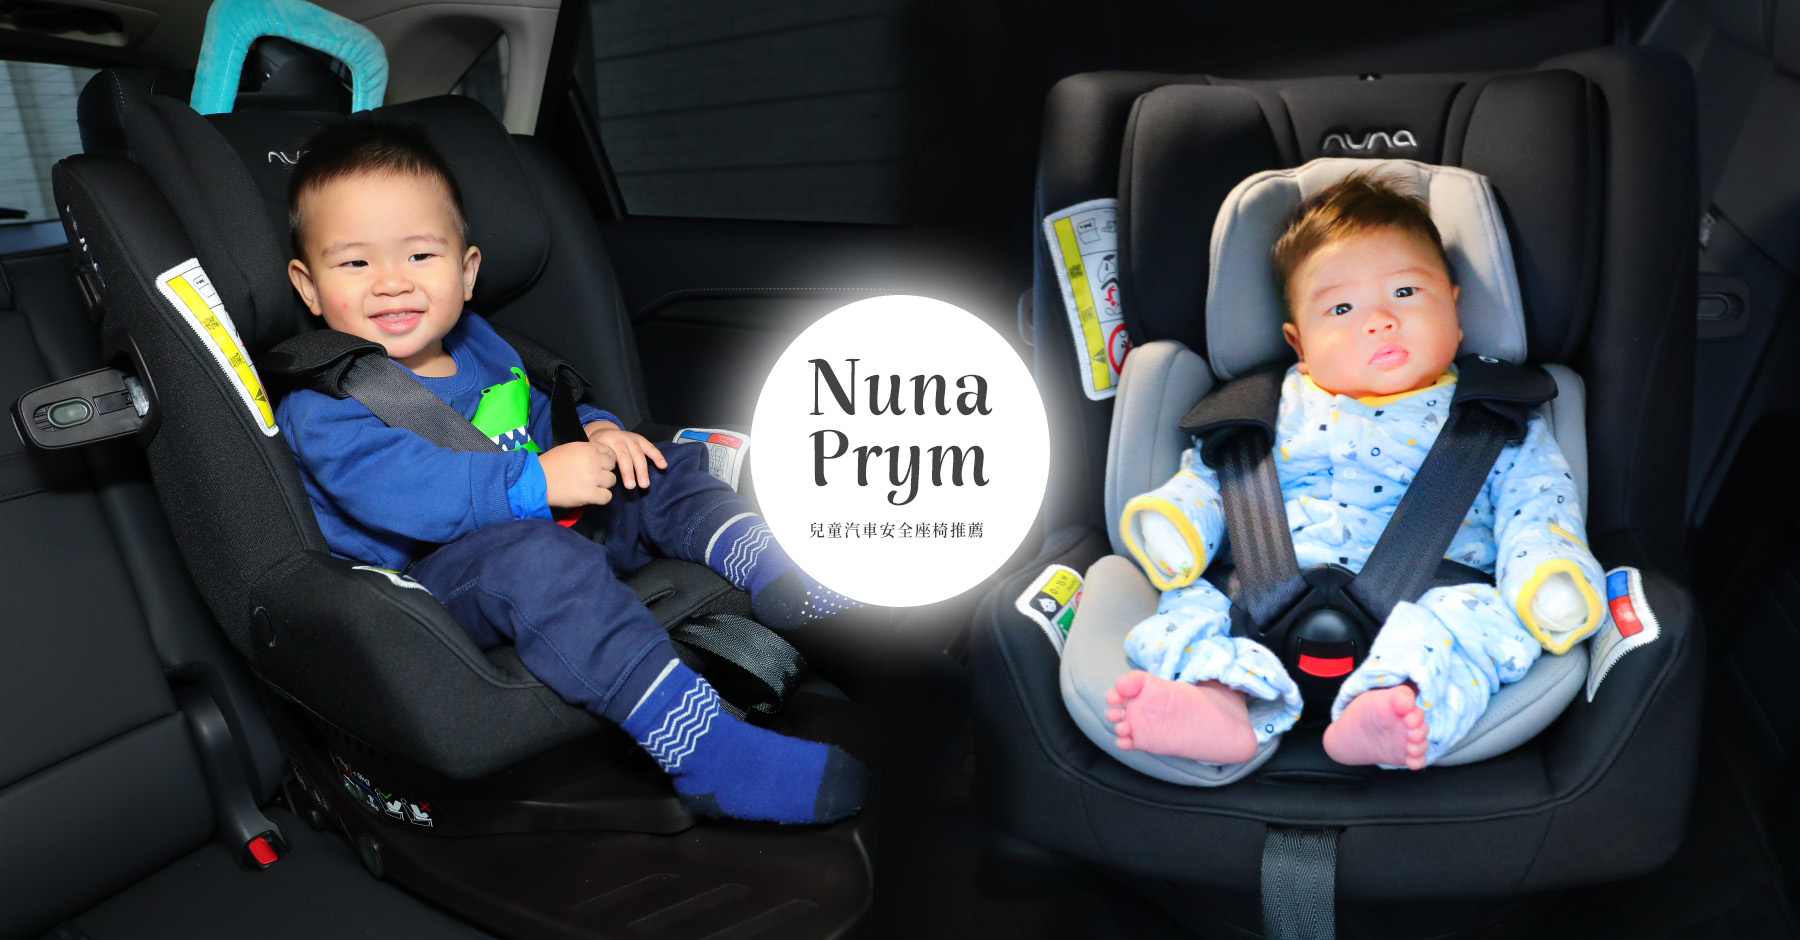 汽車安全座椅推薦|Nuna prym汽座開箱評價|360旋轉超好上下車獲ADAC優良評鑑新生兒也能坐價格及安裝說明書全攻略